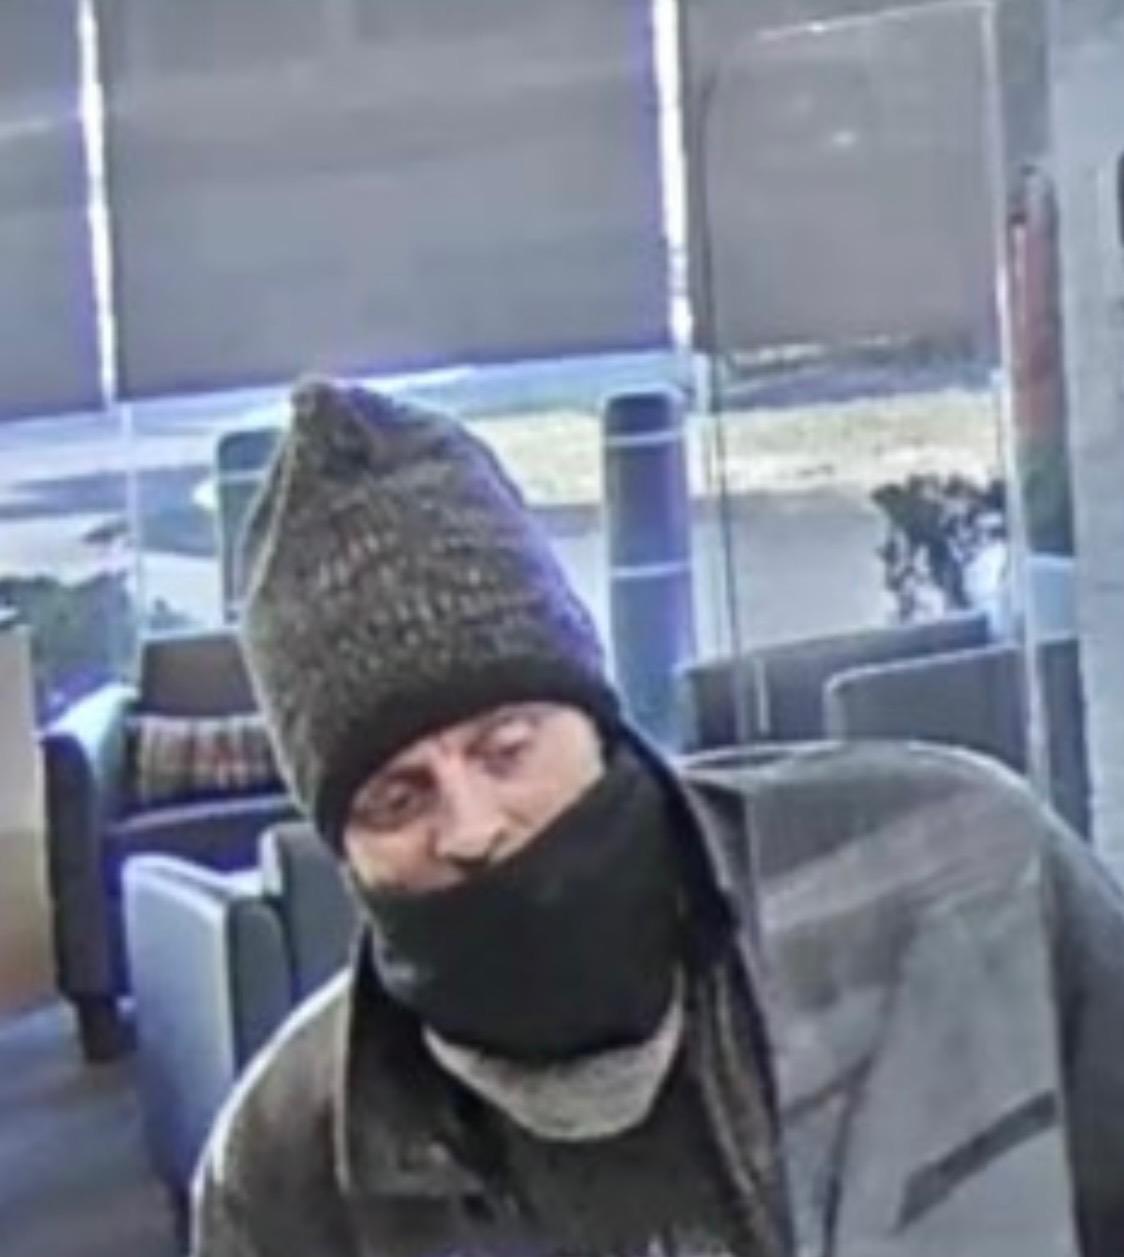 Robber photo 4